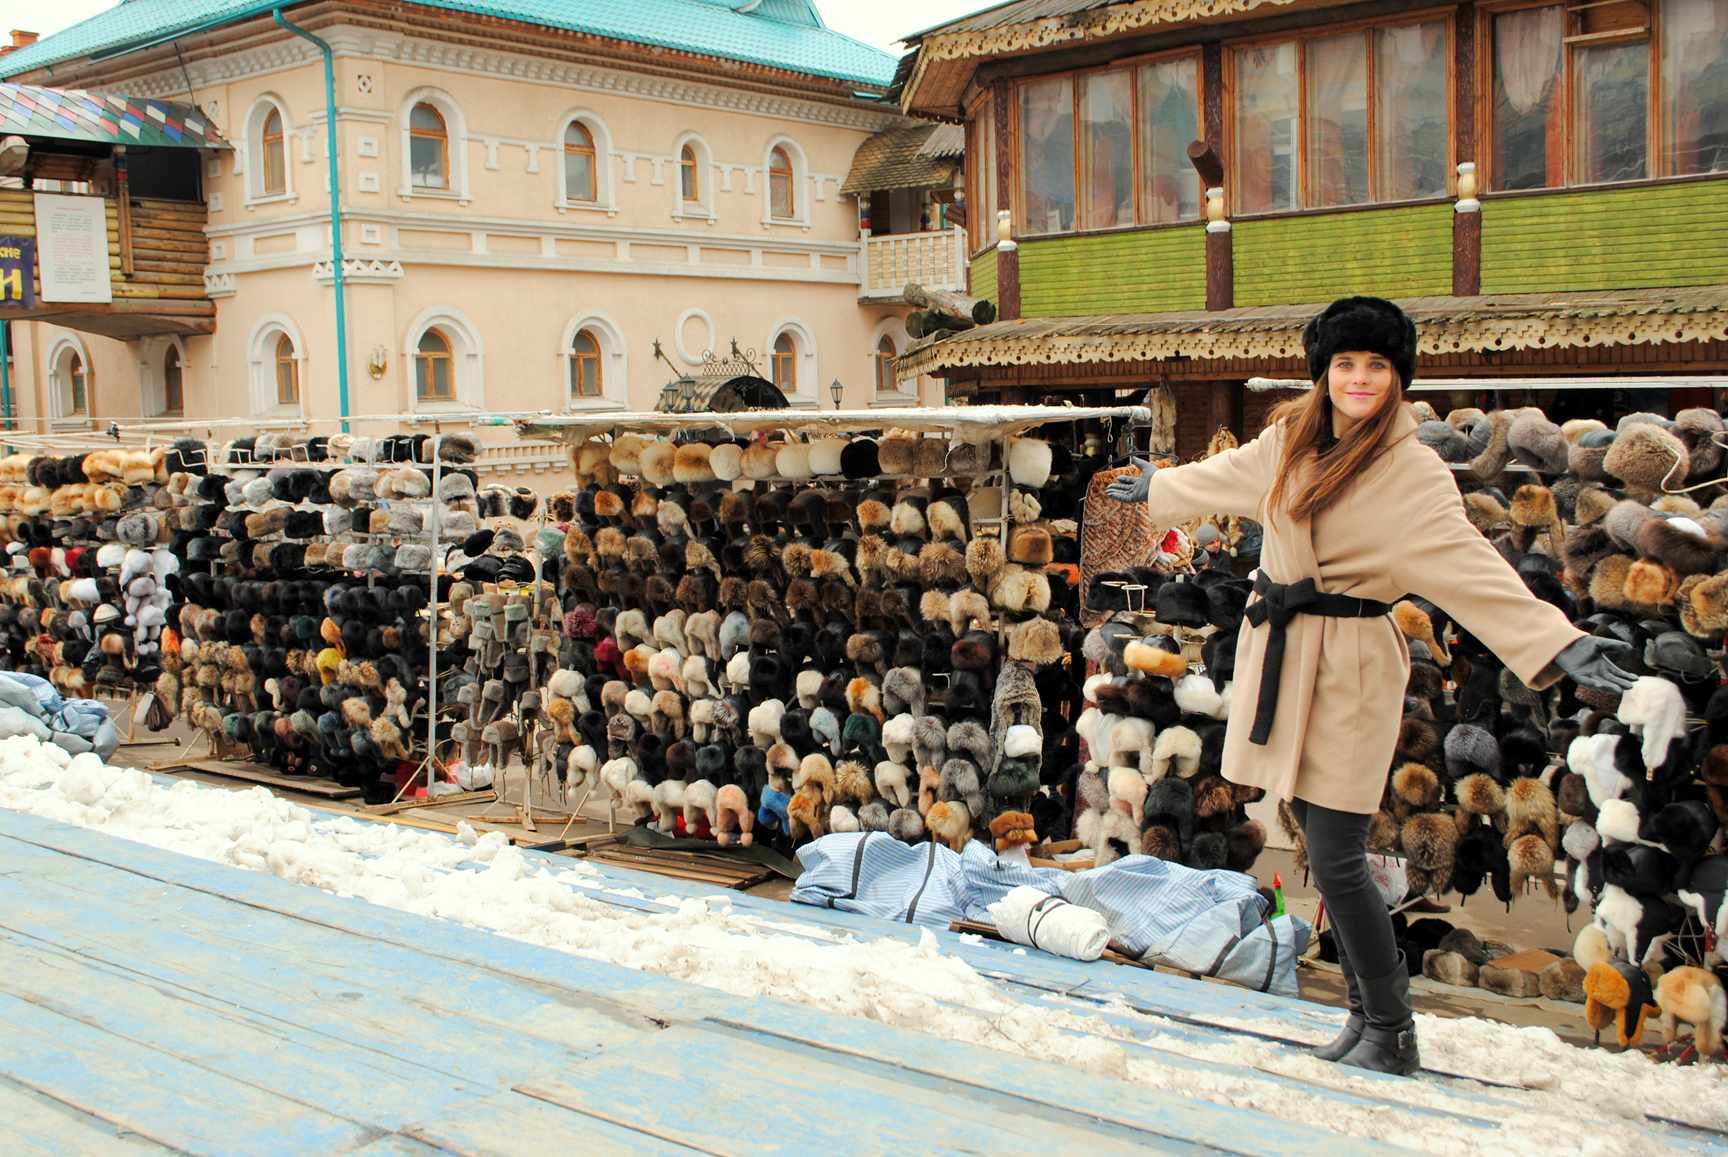 mercado-izmailovo-productos